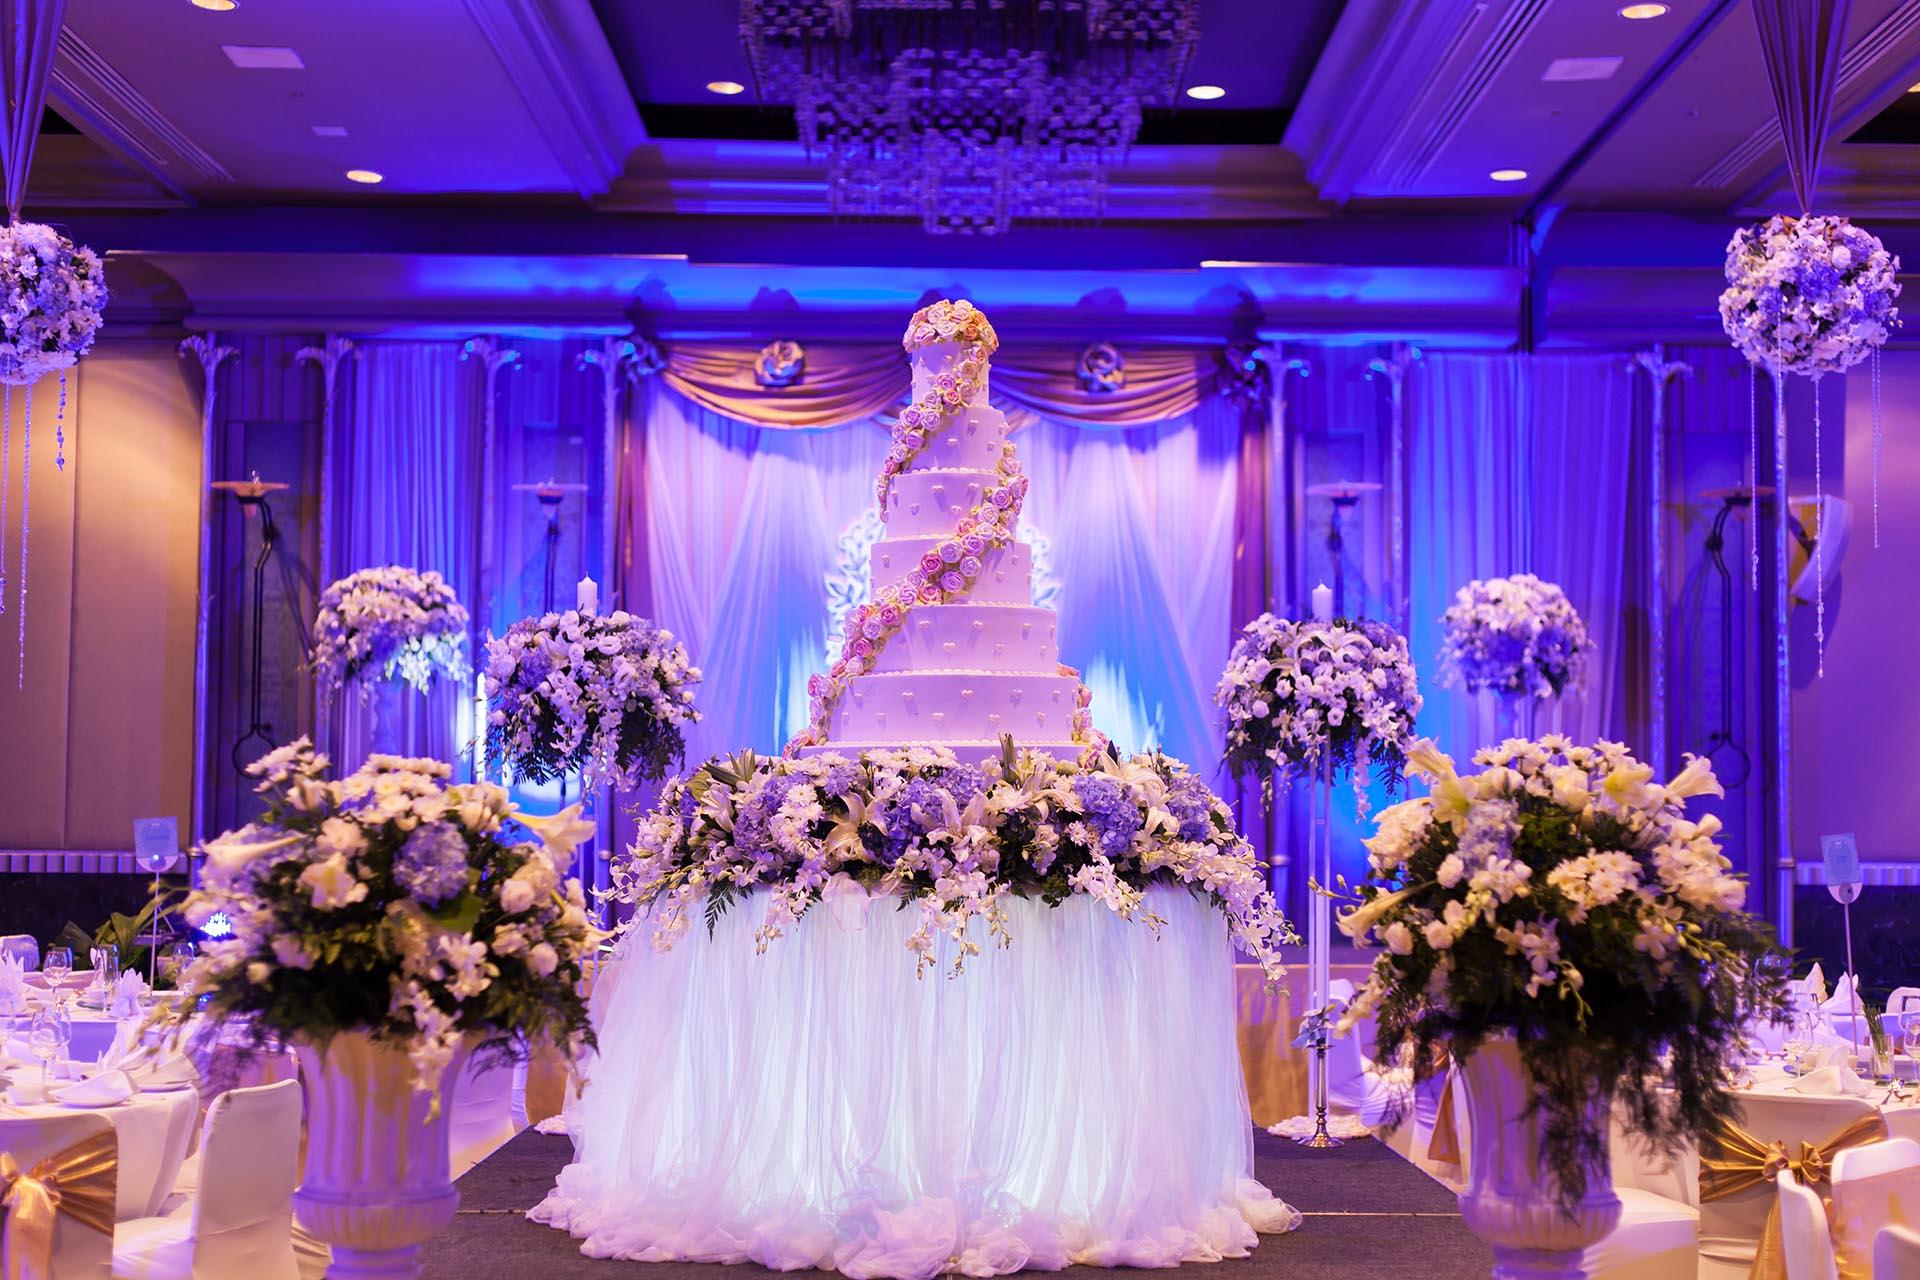 Wedding decoration background 3